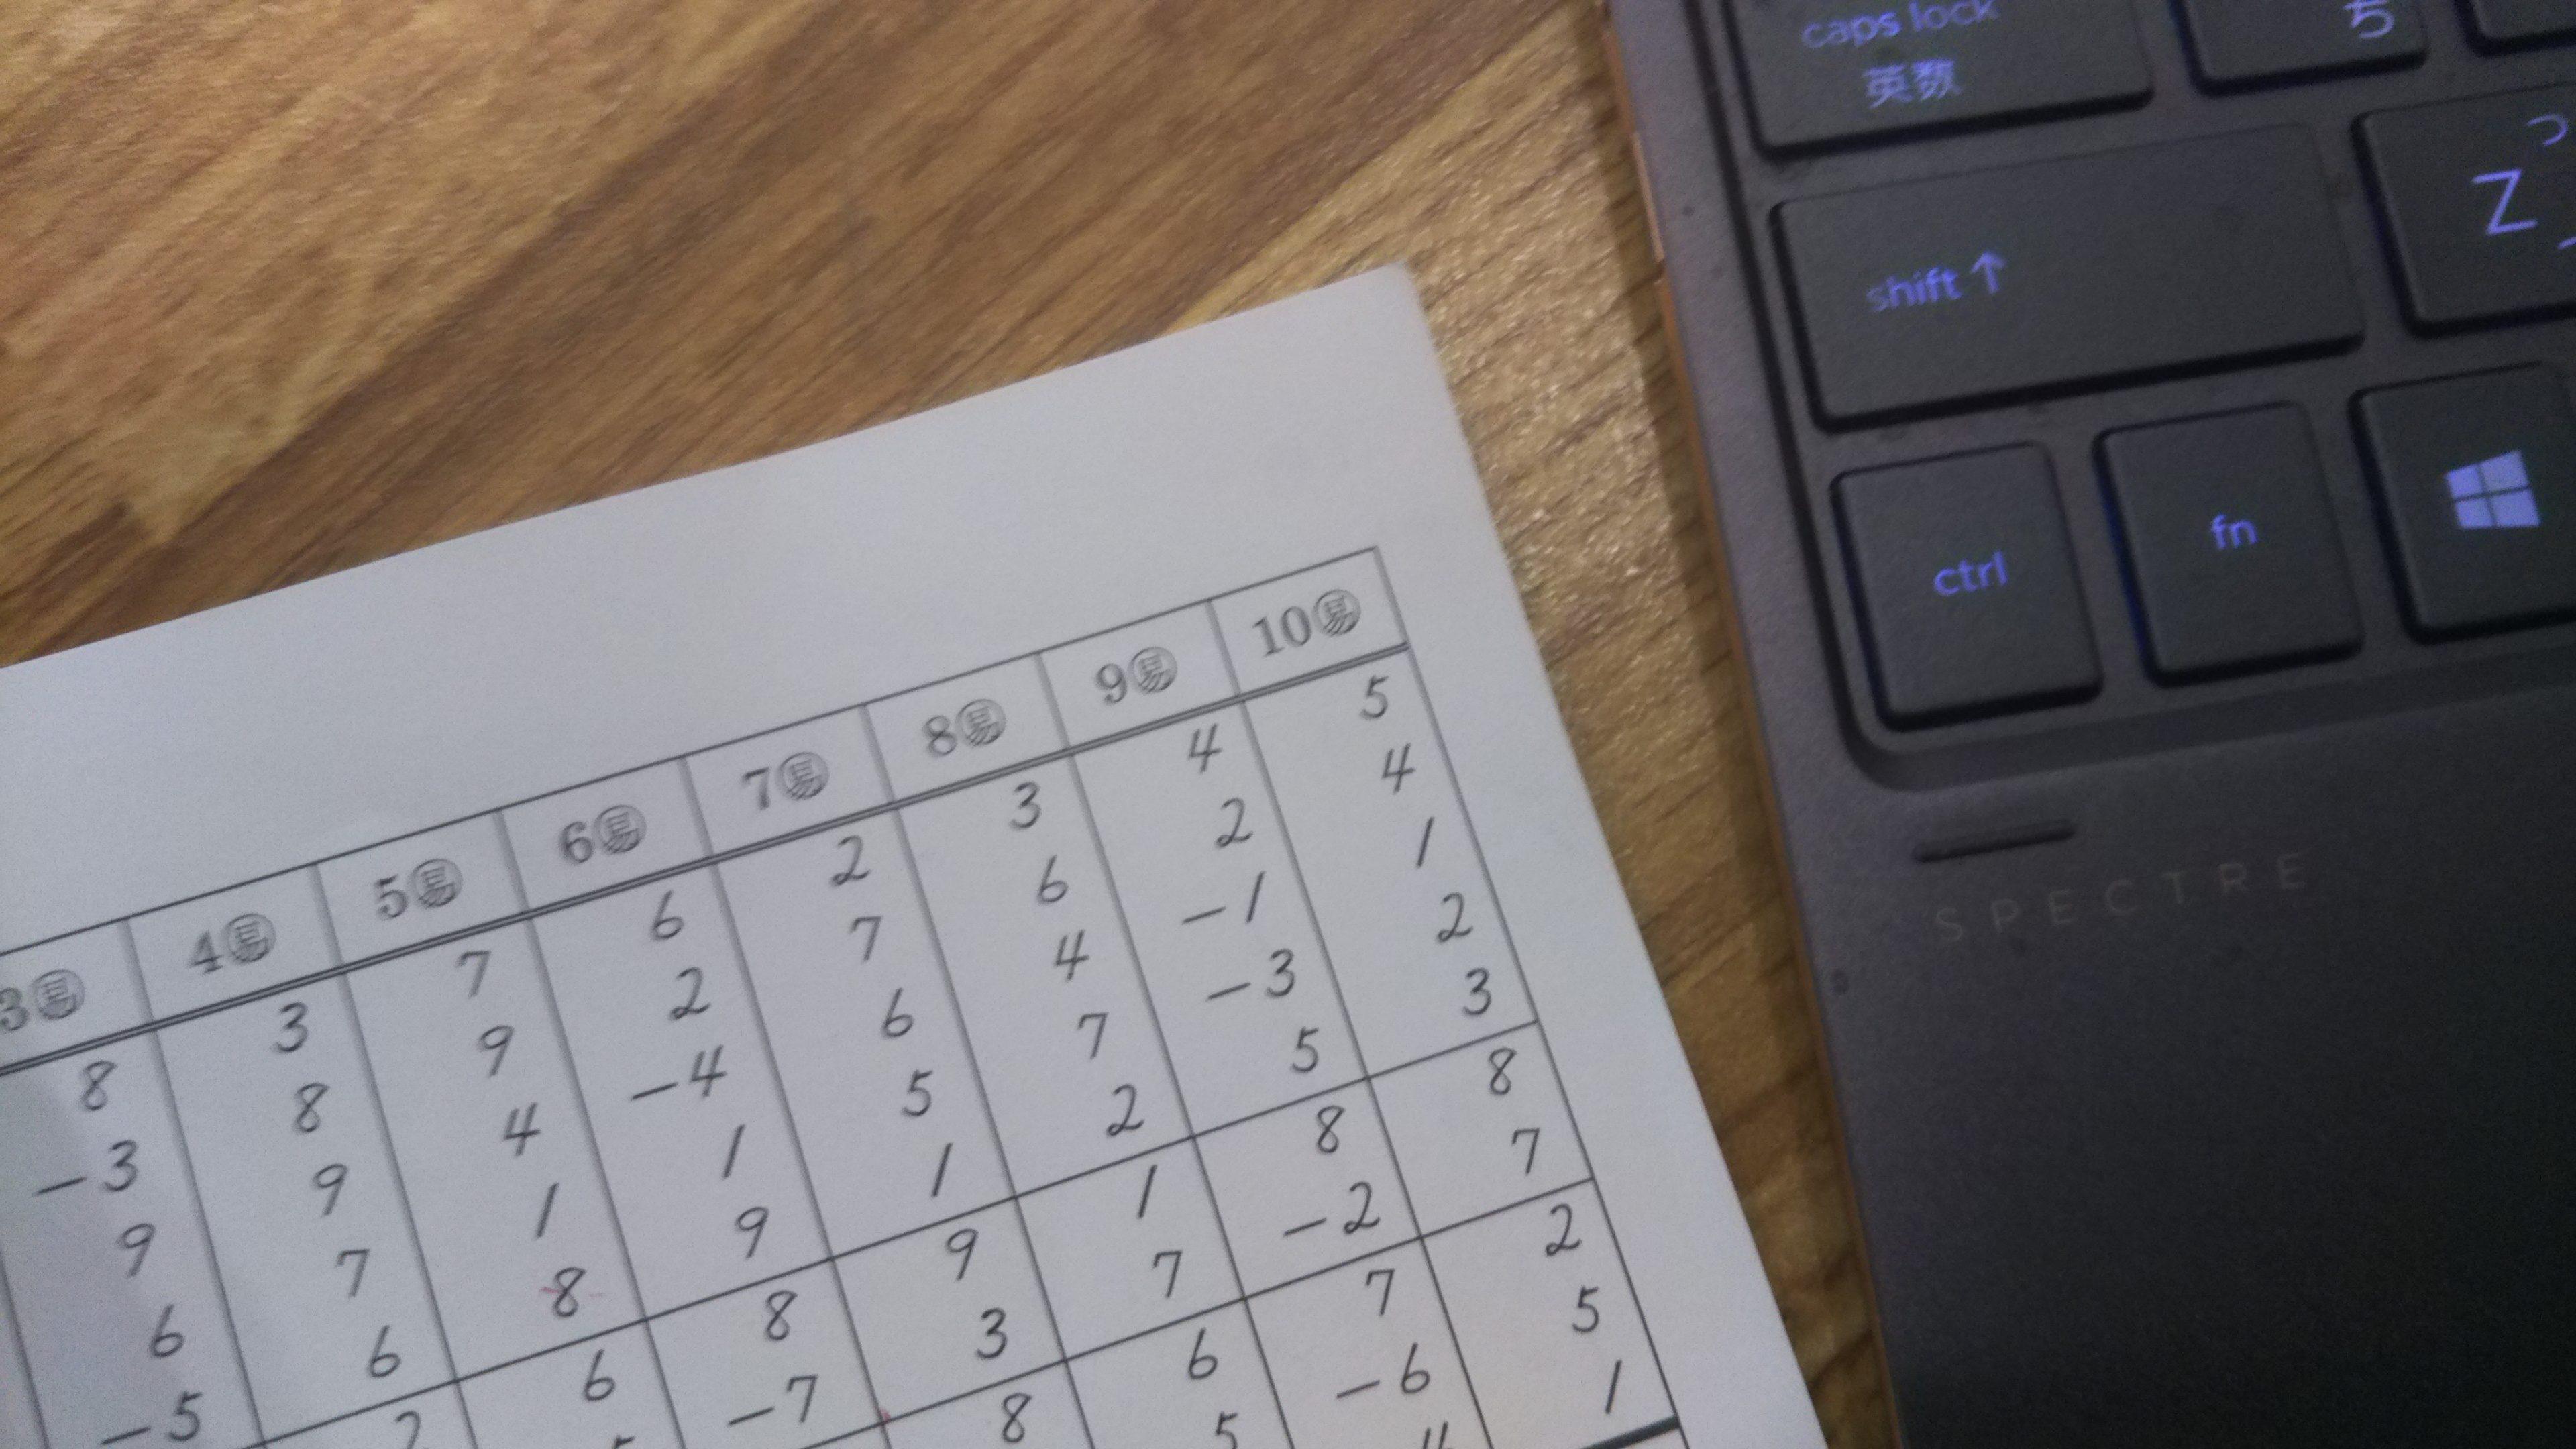 読上暗算6級ってどんなレベル?読上算・読上暗算はどういった点が難しいの?